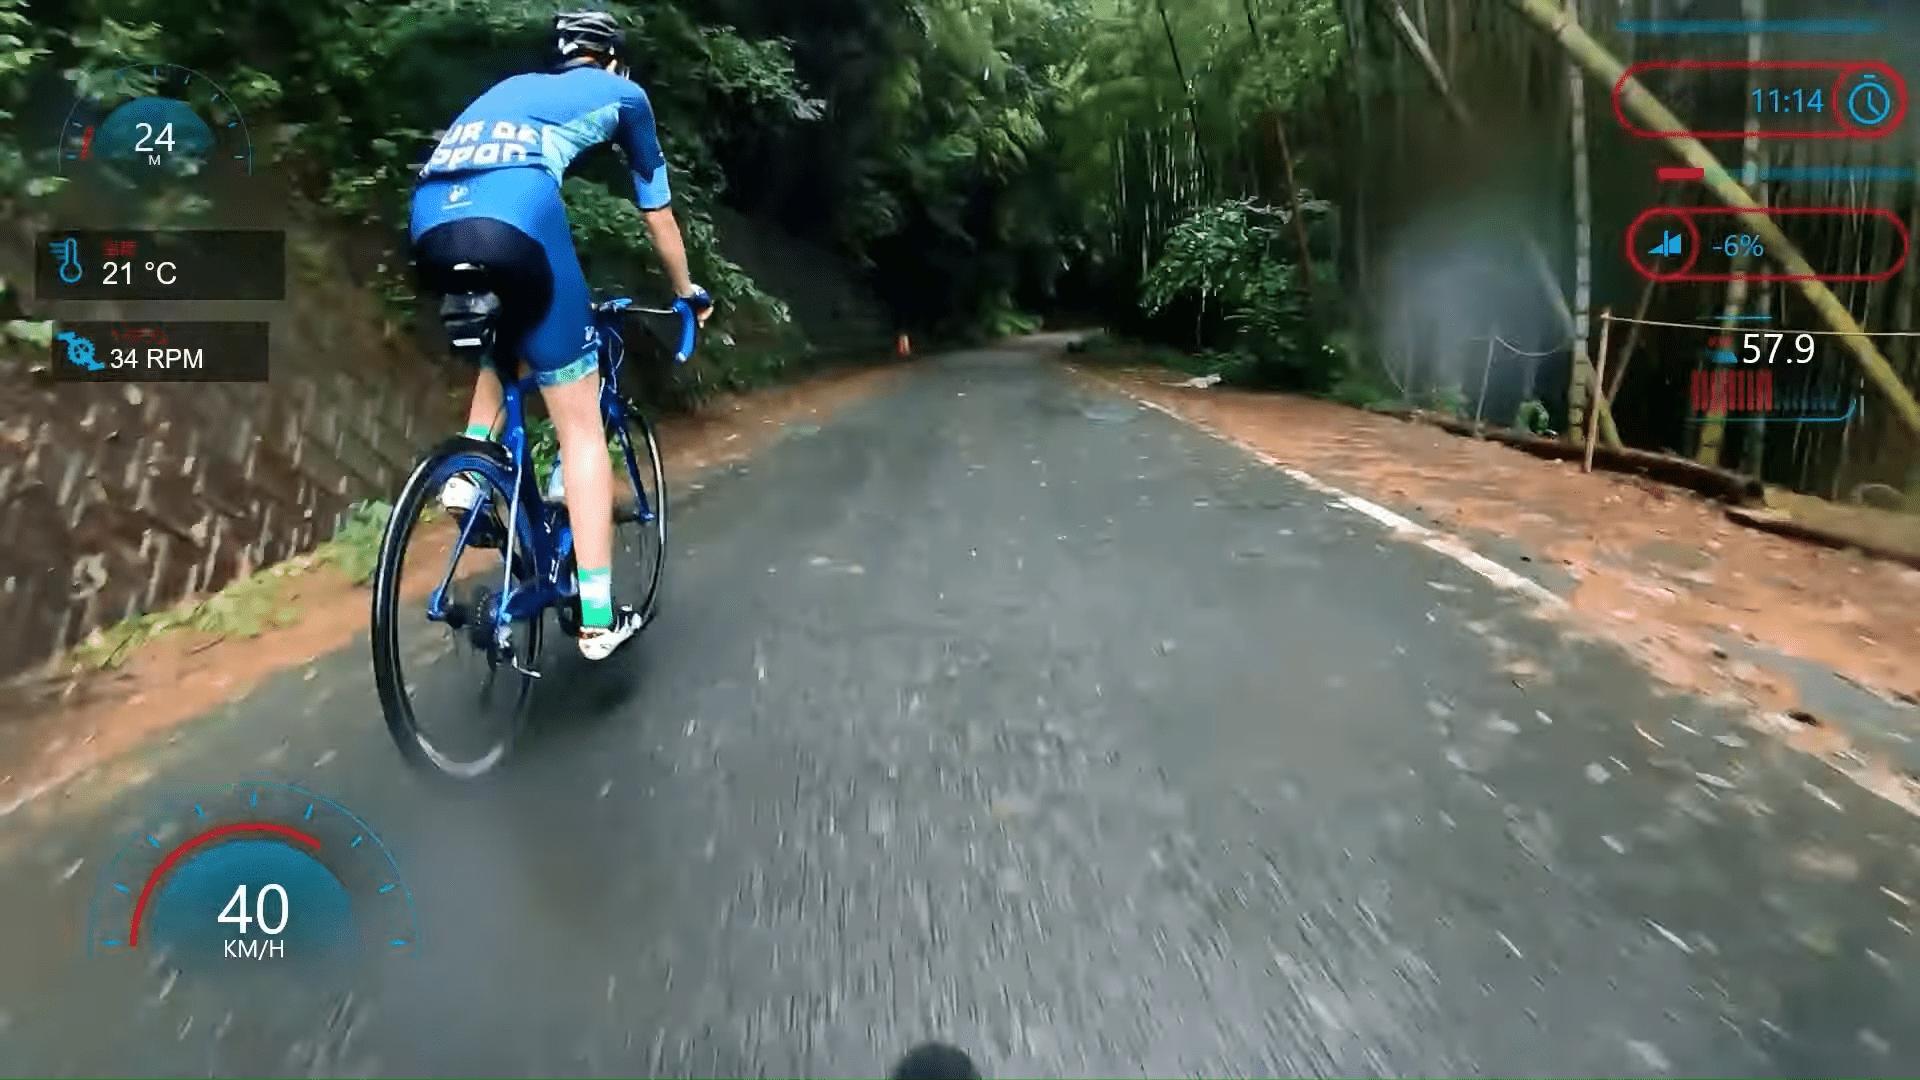 下りが速い武内さん。雨の下りはブレーキが効かないため、怖く感じます。